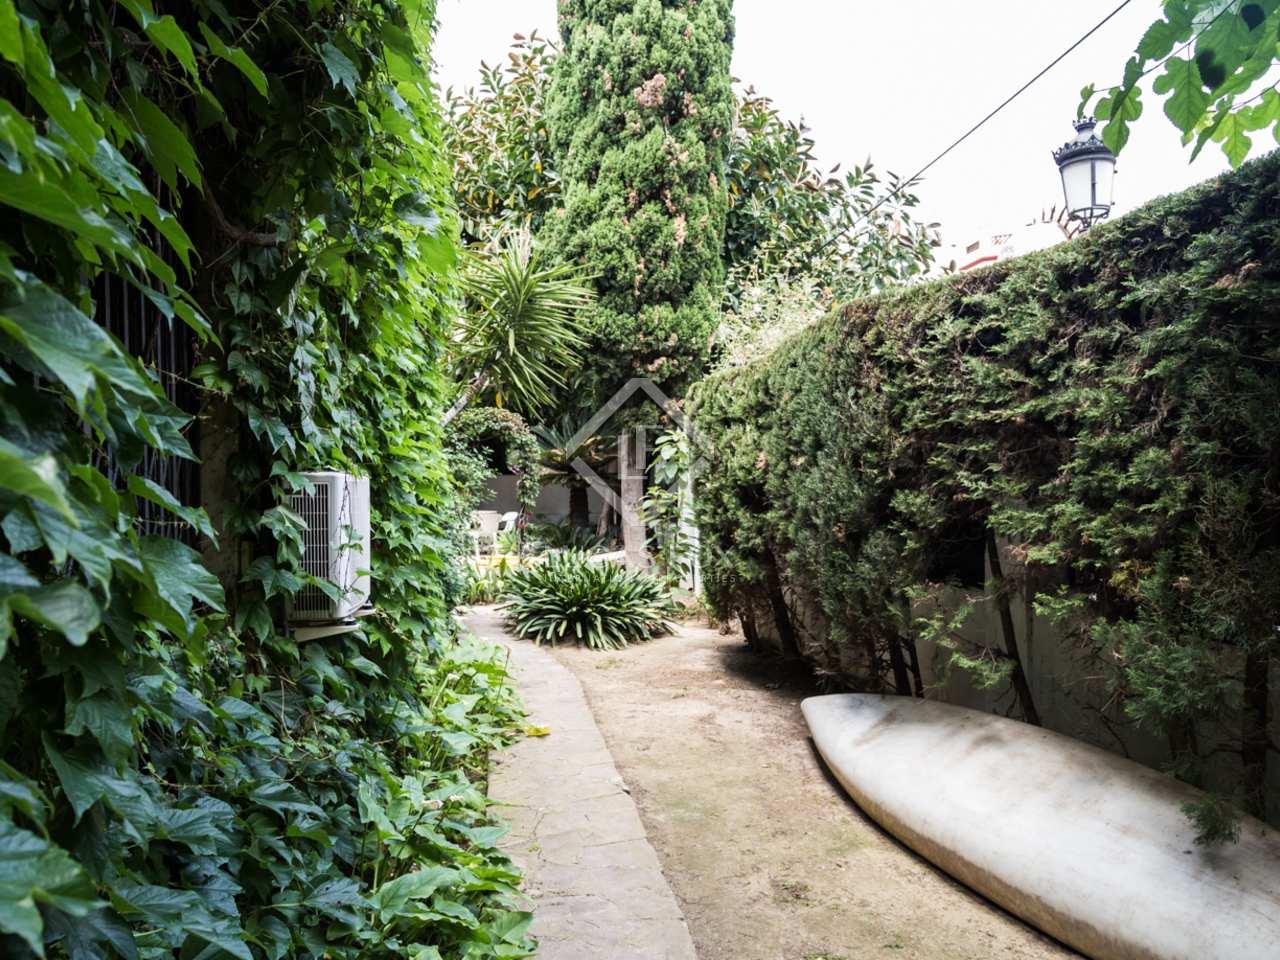 Villa hist rica con jard n y piscina en venta en valencia for Piscina jardin valencia